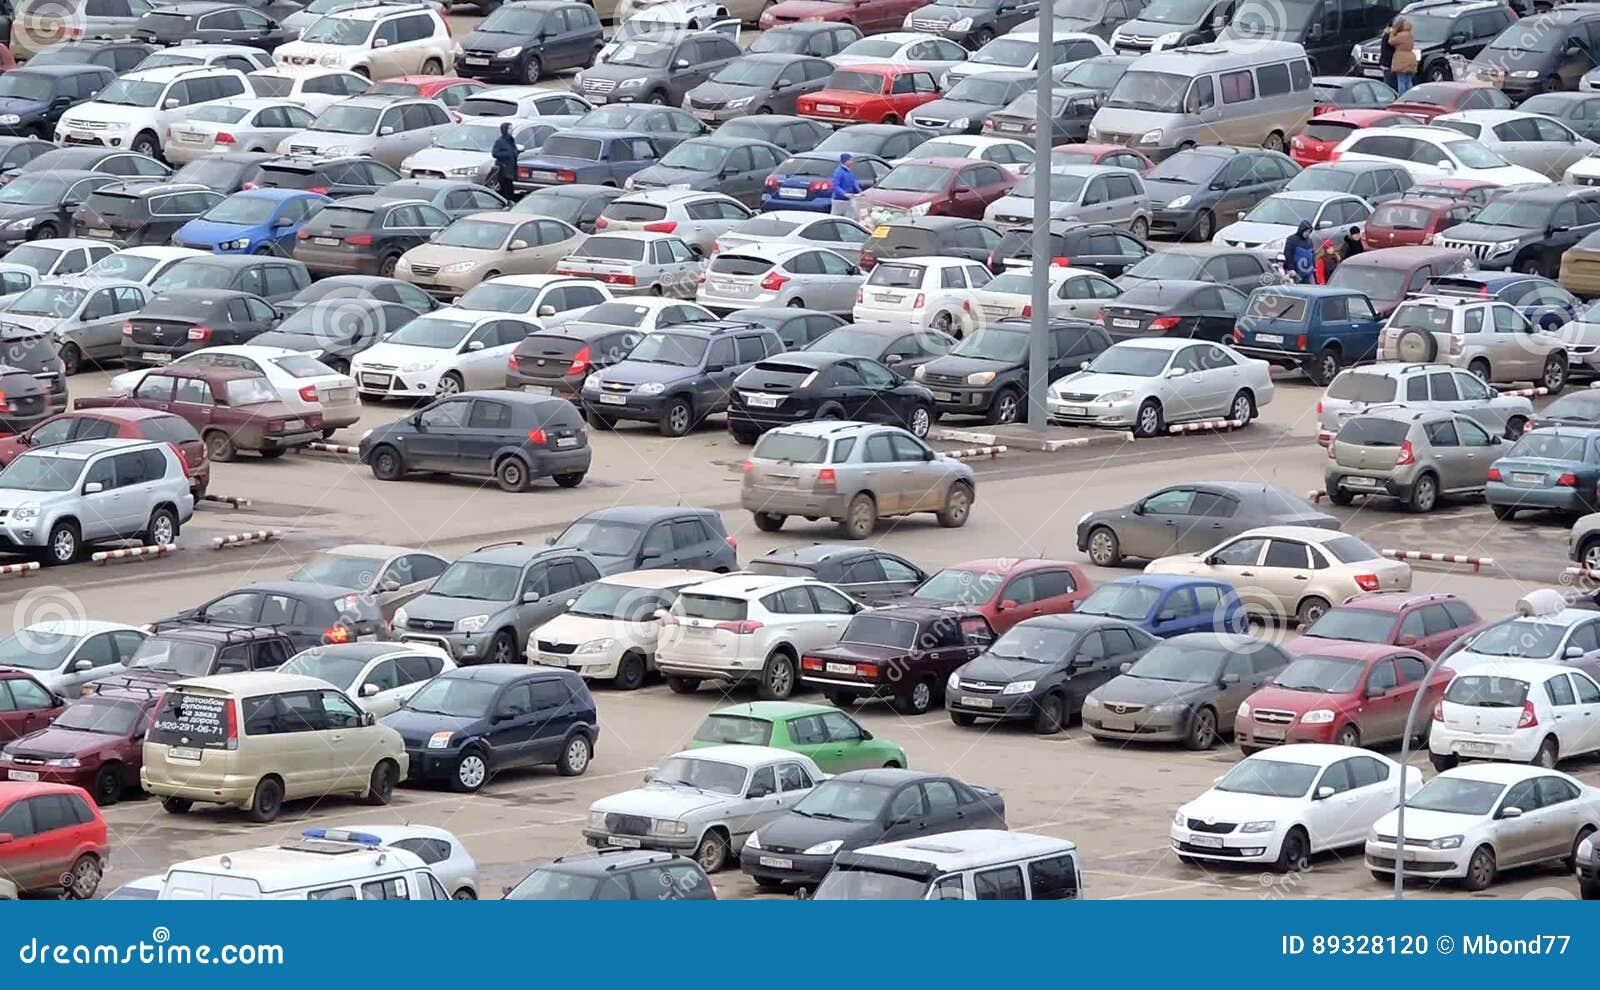 Big Lot Cars >> Big Lot Cars 2020 Top Car Models